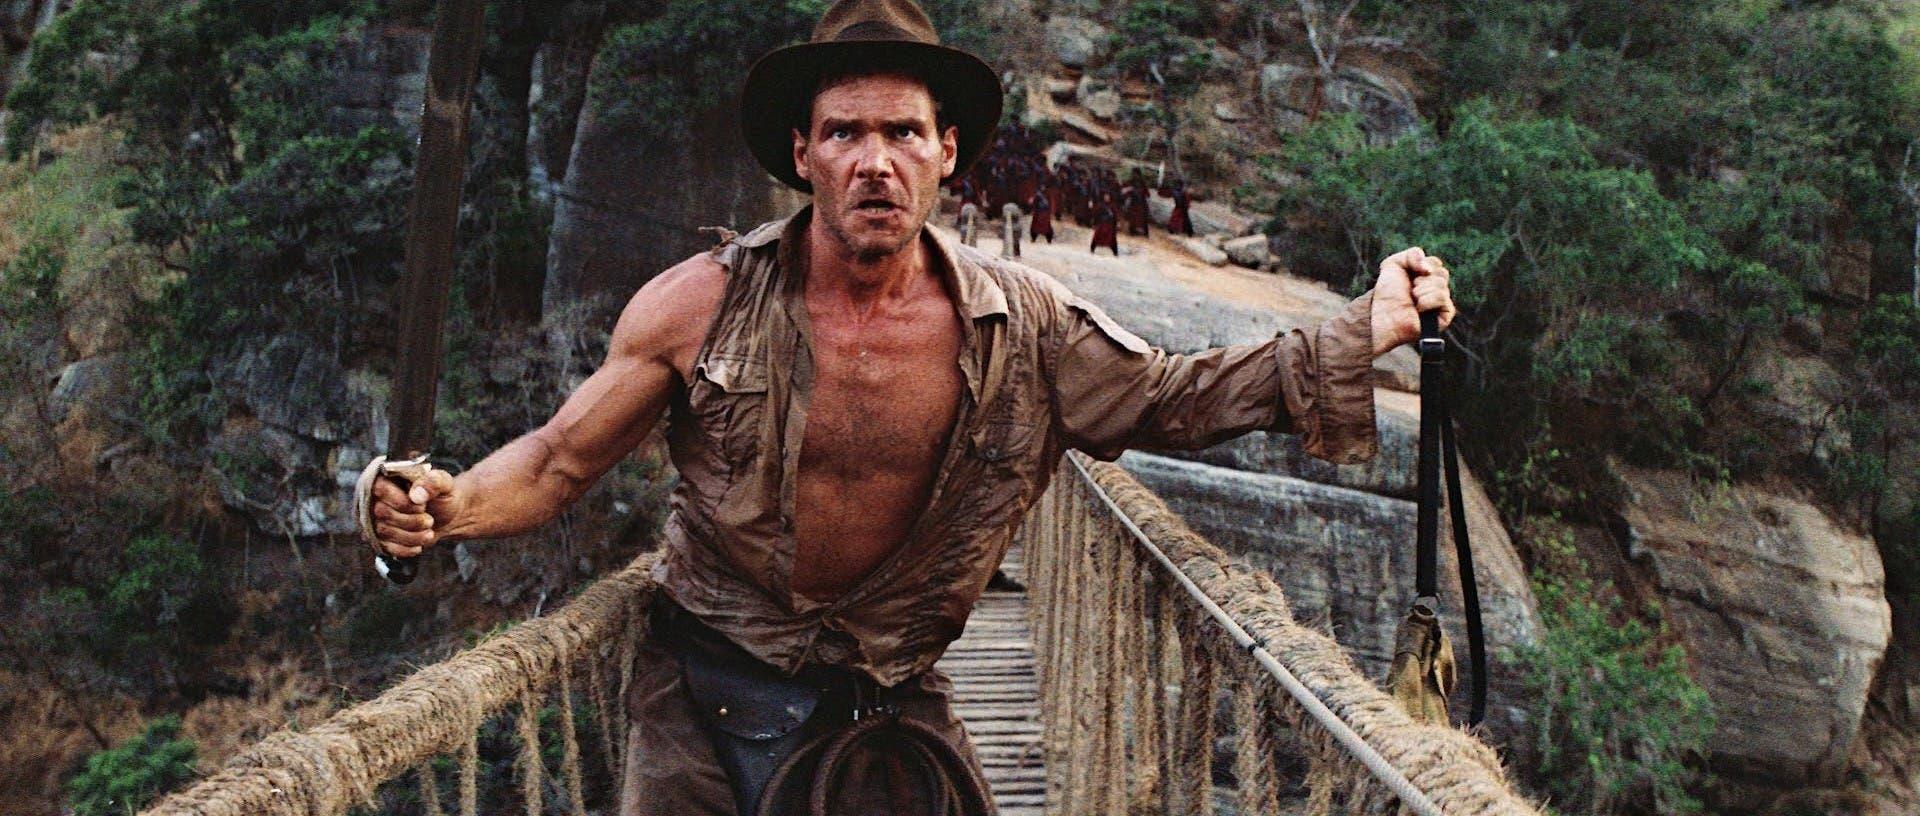 Imagen de Indiana Jones 5 comenzará a rodarse en abril de 2019